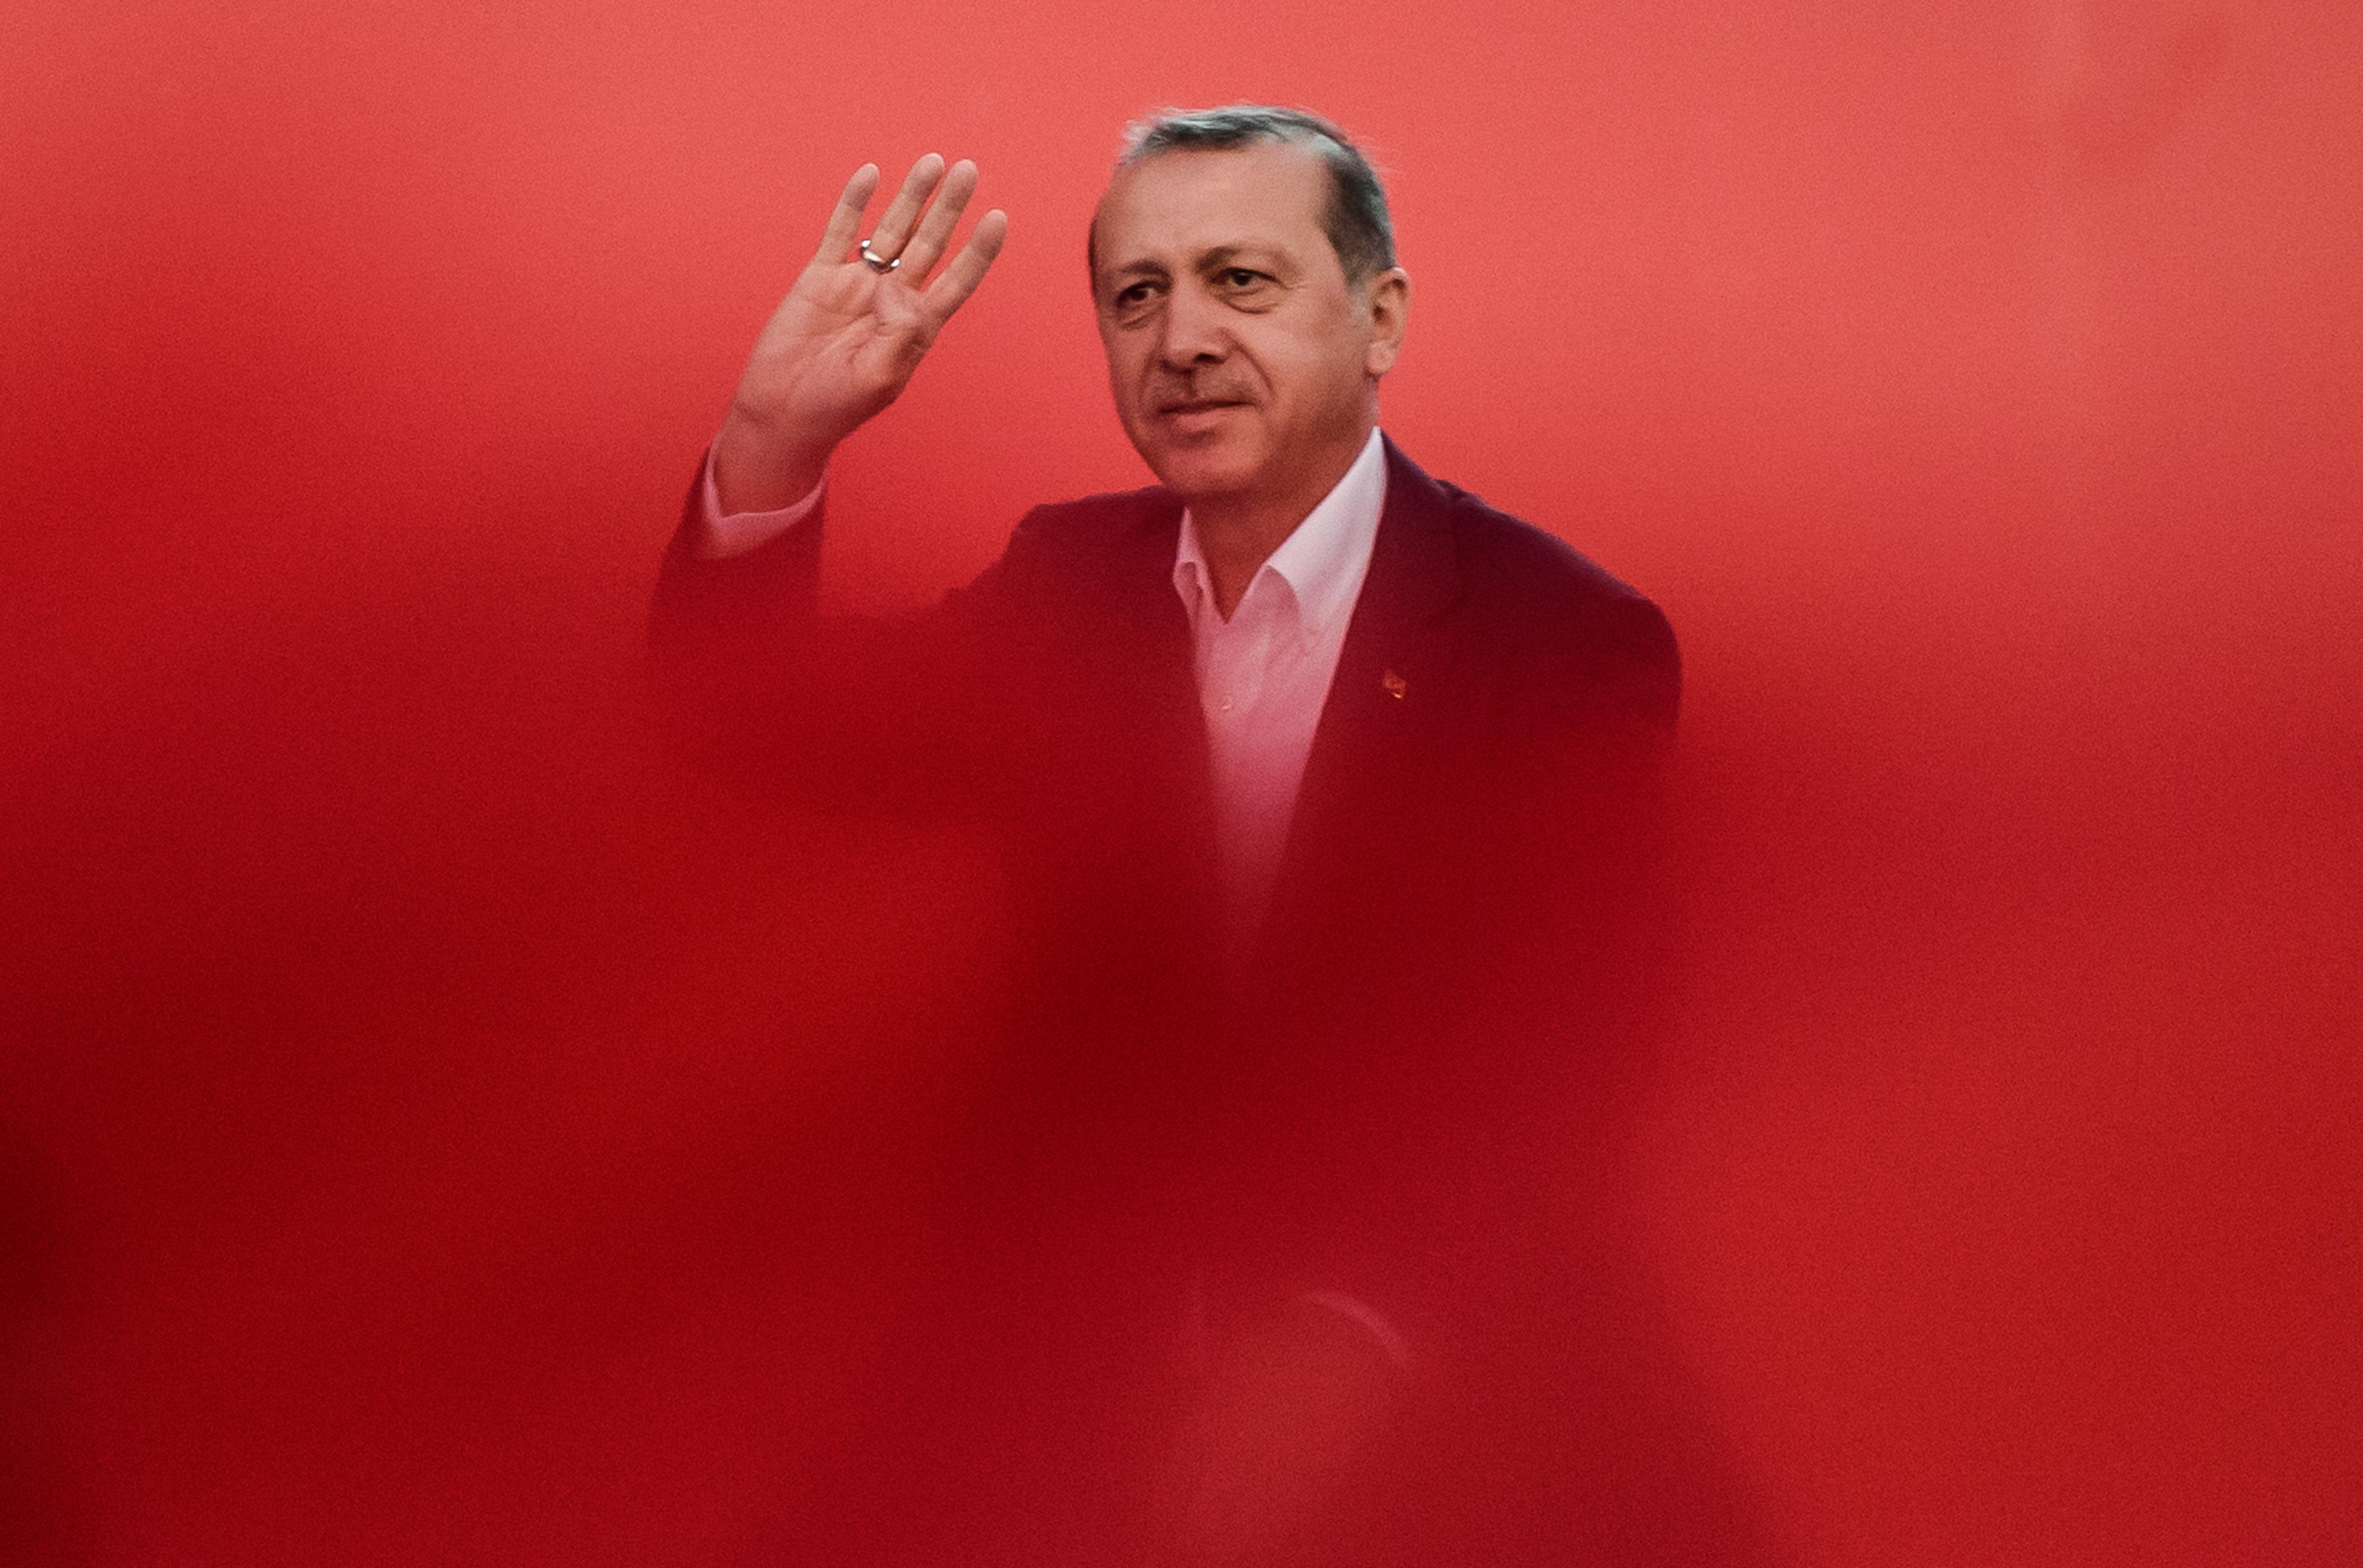 Erdogan bedobta Srebrenicát is, hogy sót dörzsöljön a hollandok sebébe